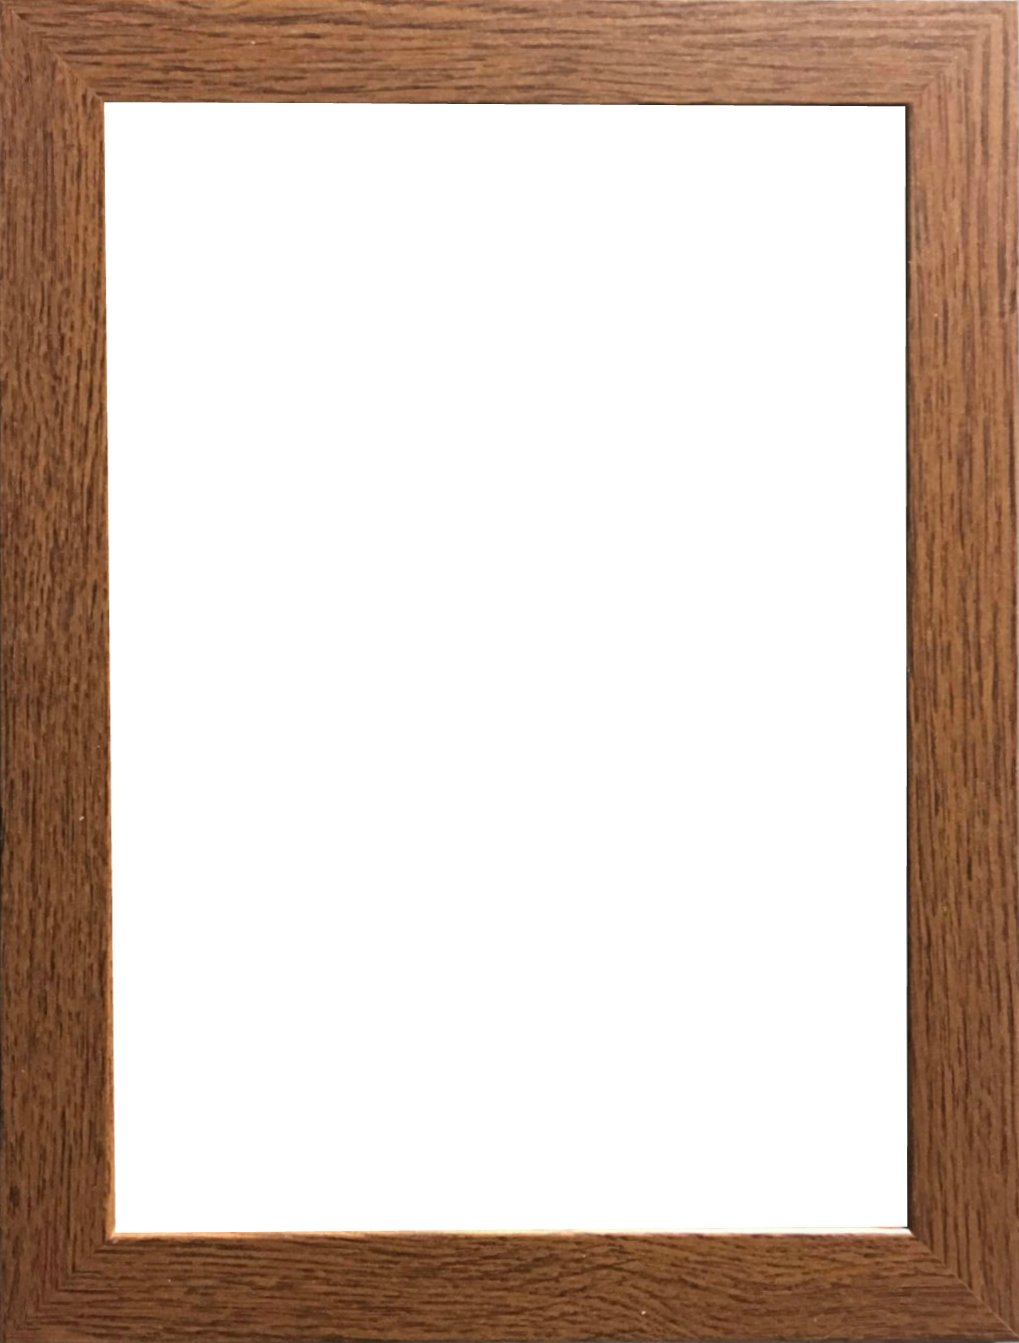 Marco de fotos moderno, con acabado de madera, en varios tamaños, madera MDF, negro, 60 x 50 cm: Amazon.es: Hogar